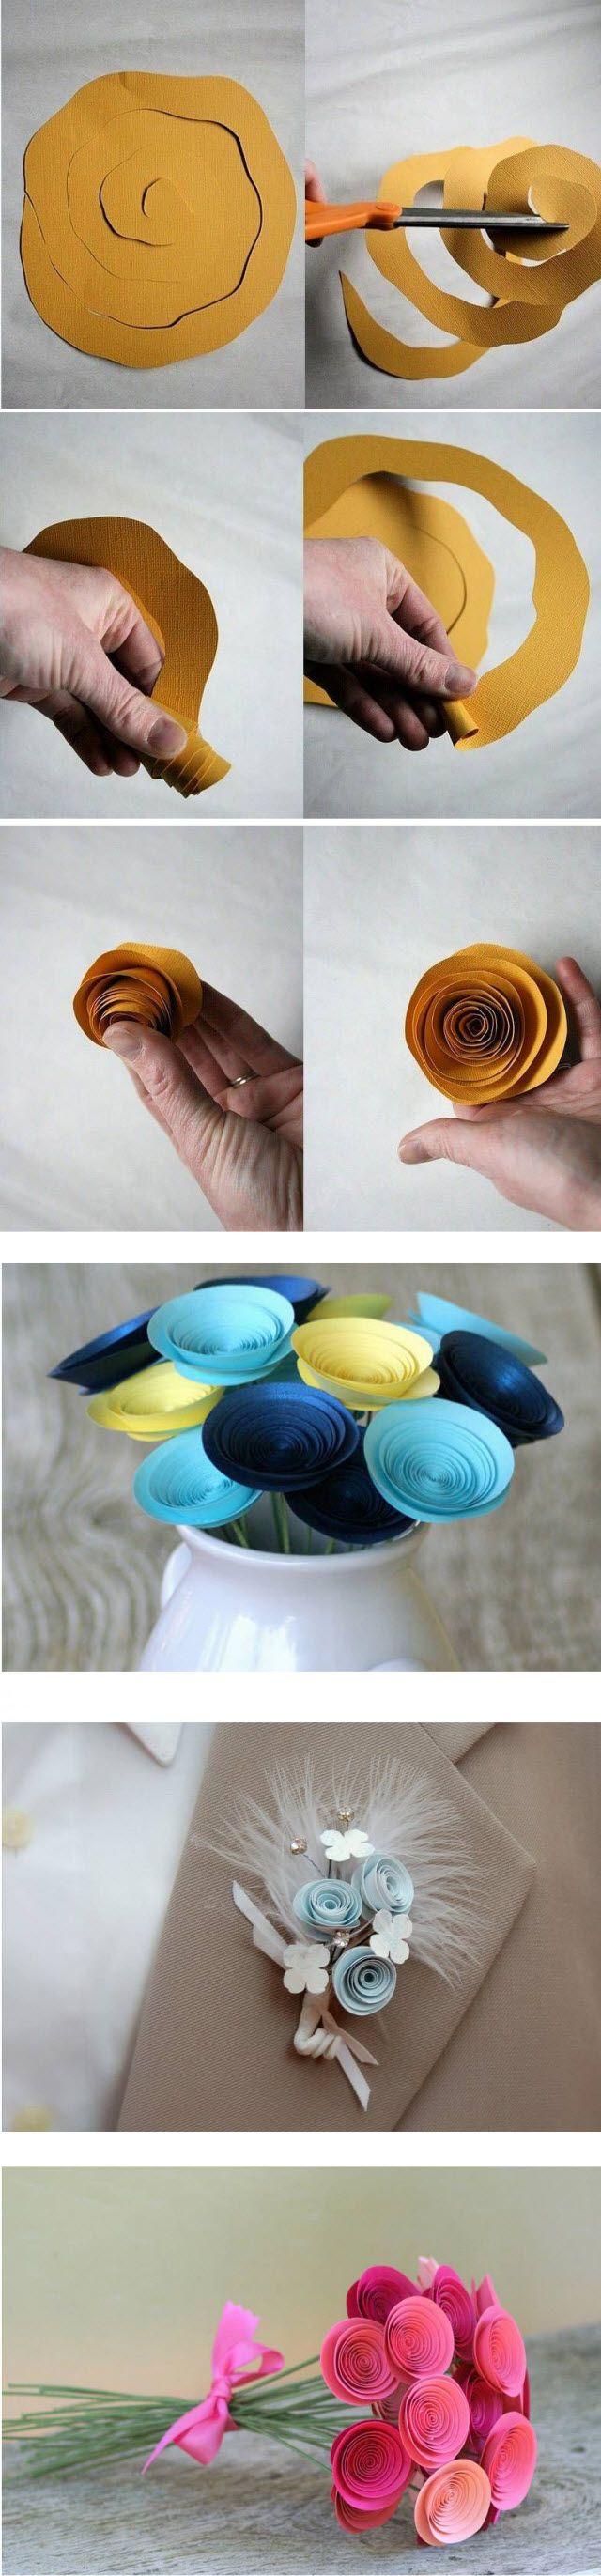 как сделать цветы своими руками из бумаги - фото и видео мк